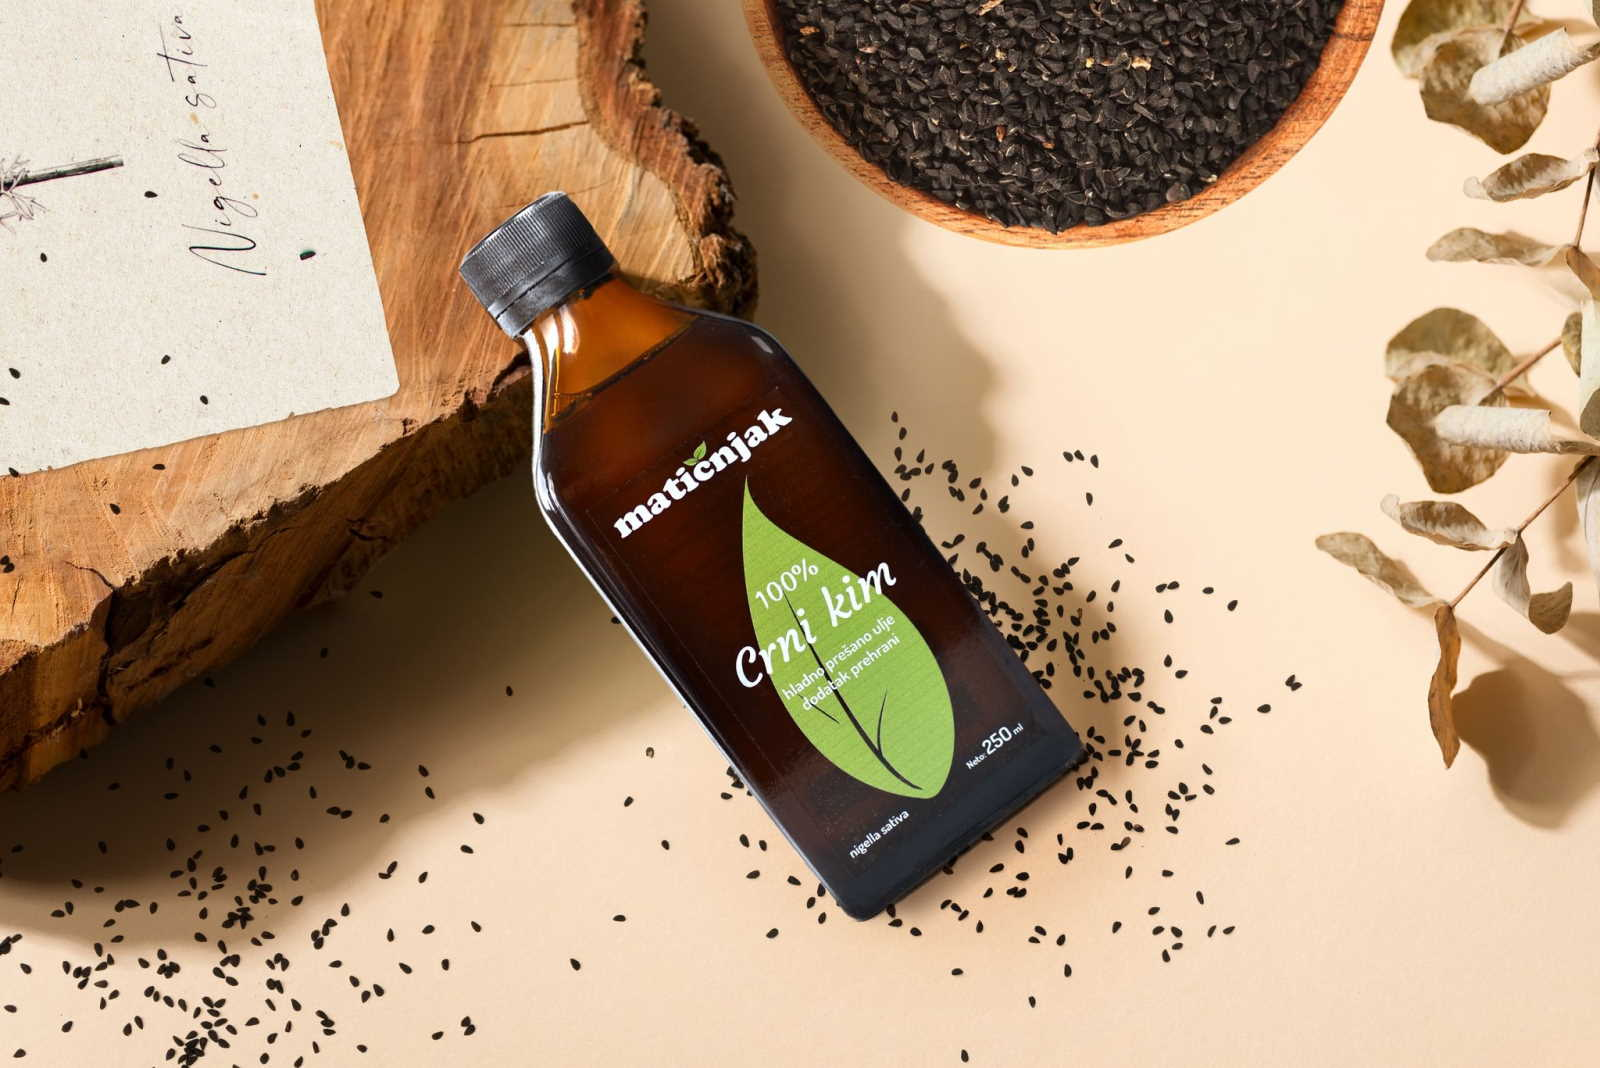 Najbolja prirodna prevencija protiv ambrozije - ulje crnog kima